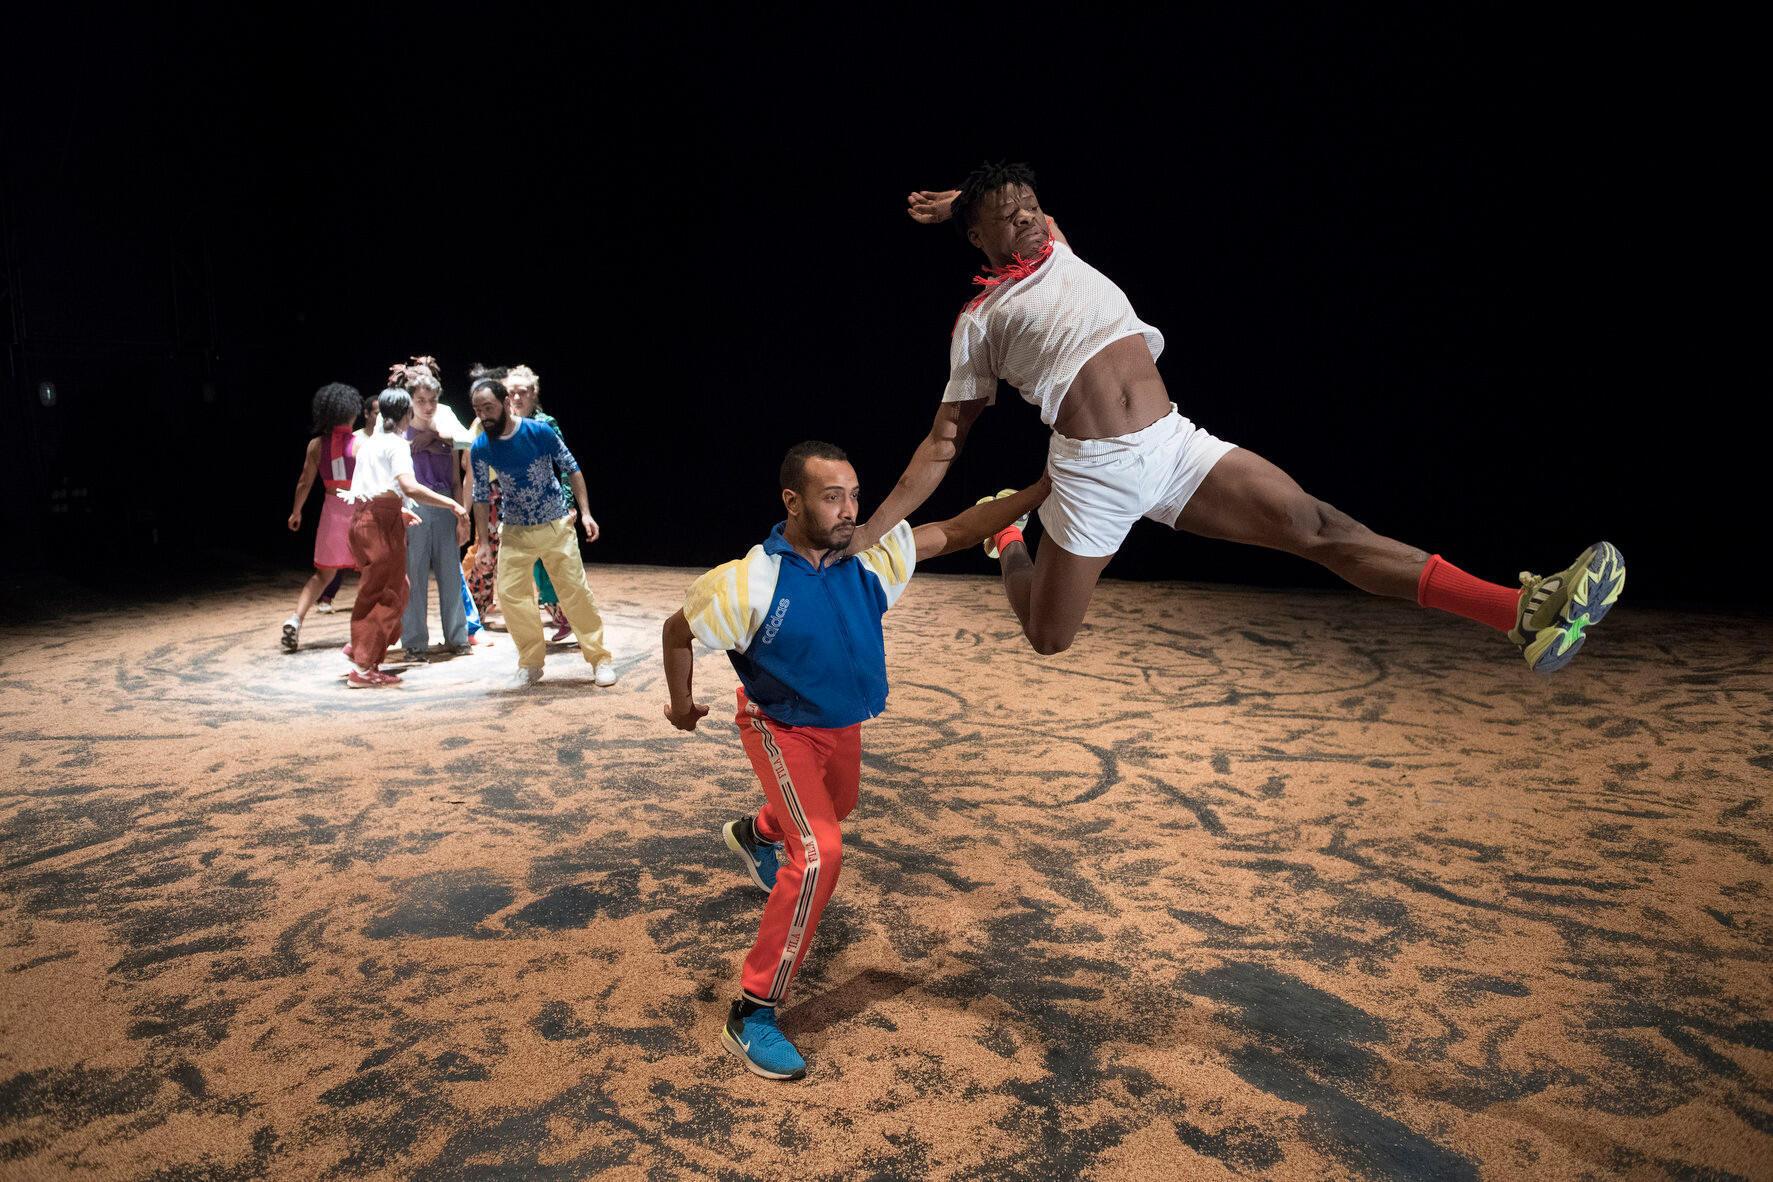 «Akzak, l'impatience d'une jeunesse reliée», chorégraphie de Héla Fattoumi et Eric Lamoureux.   © Laurent Philippe